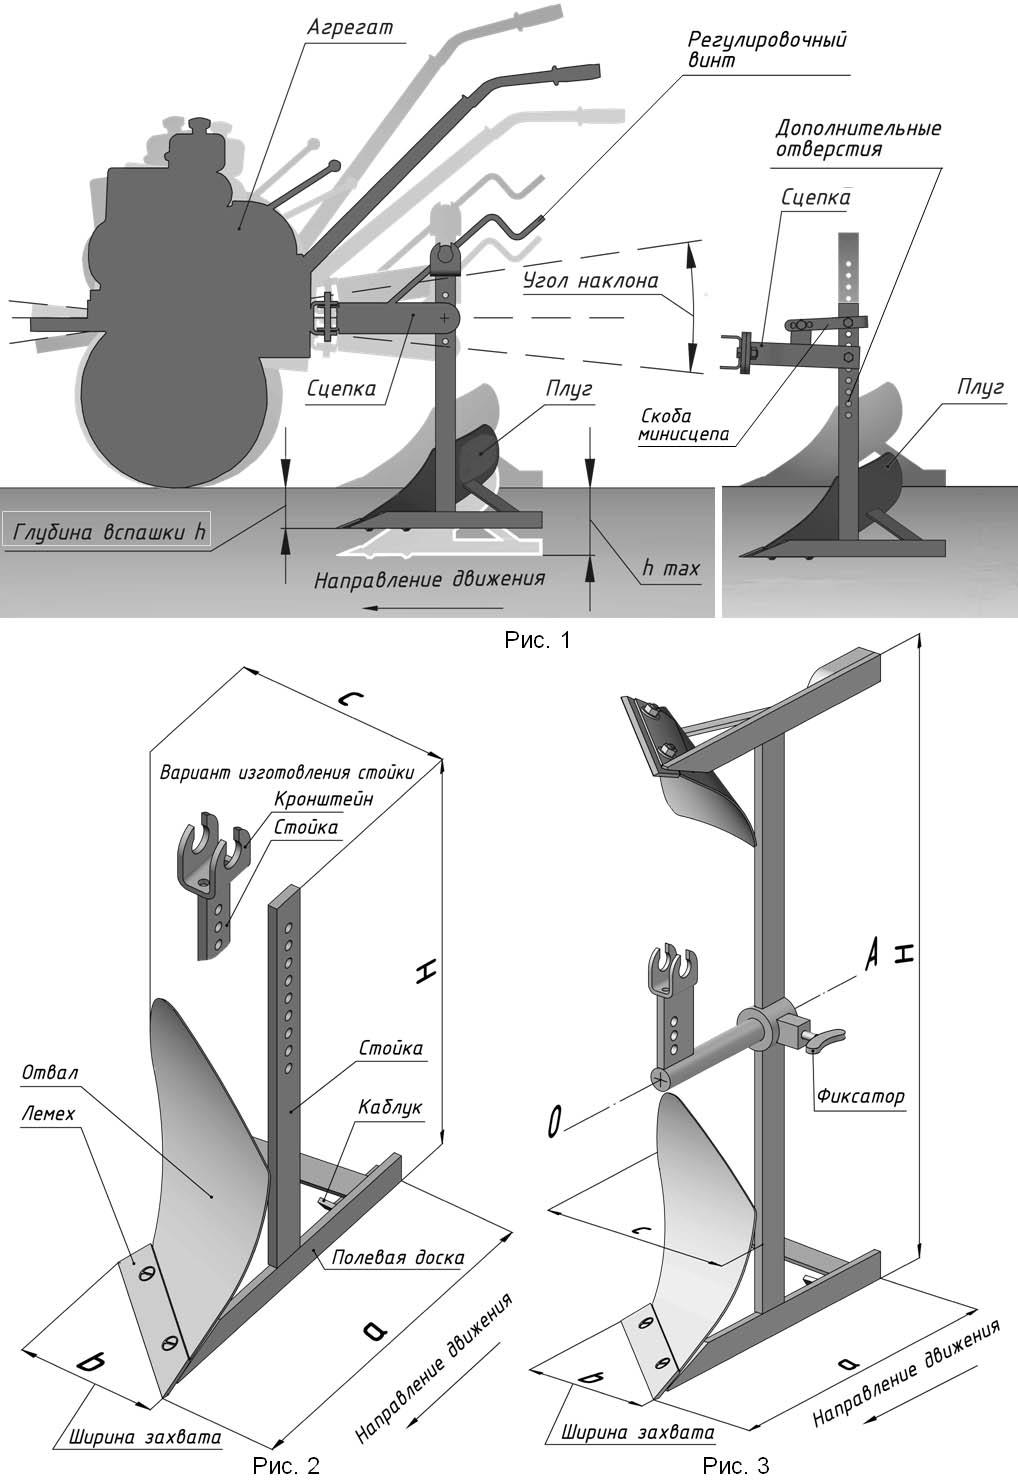 Как сделать плуг для мотоблока нева своими руками чертежи